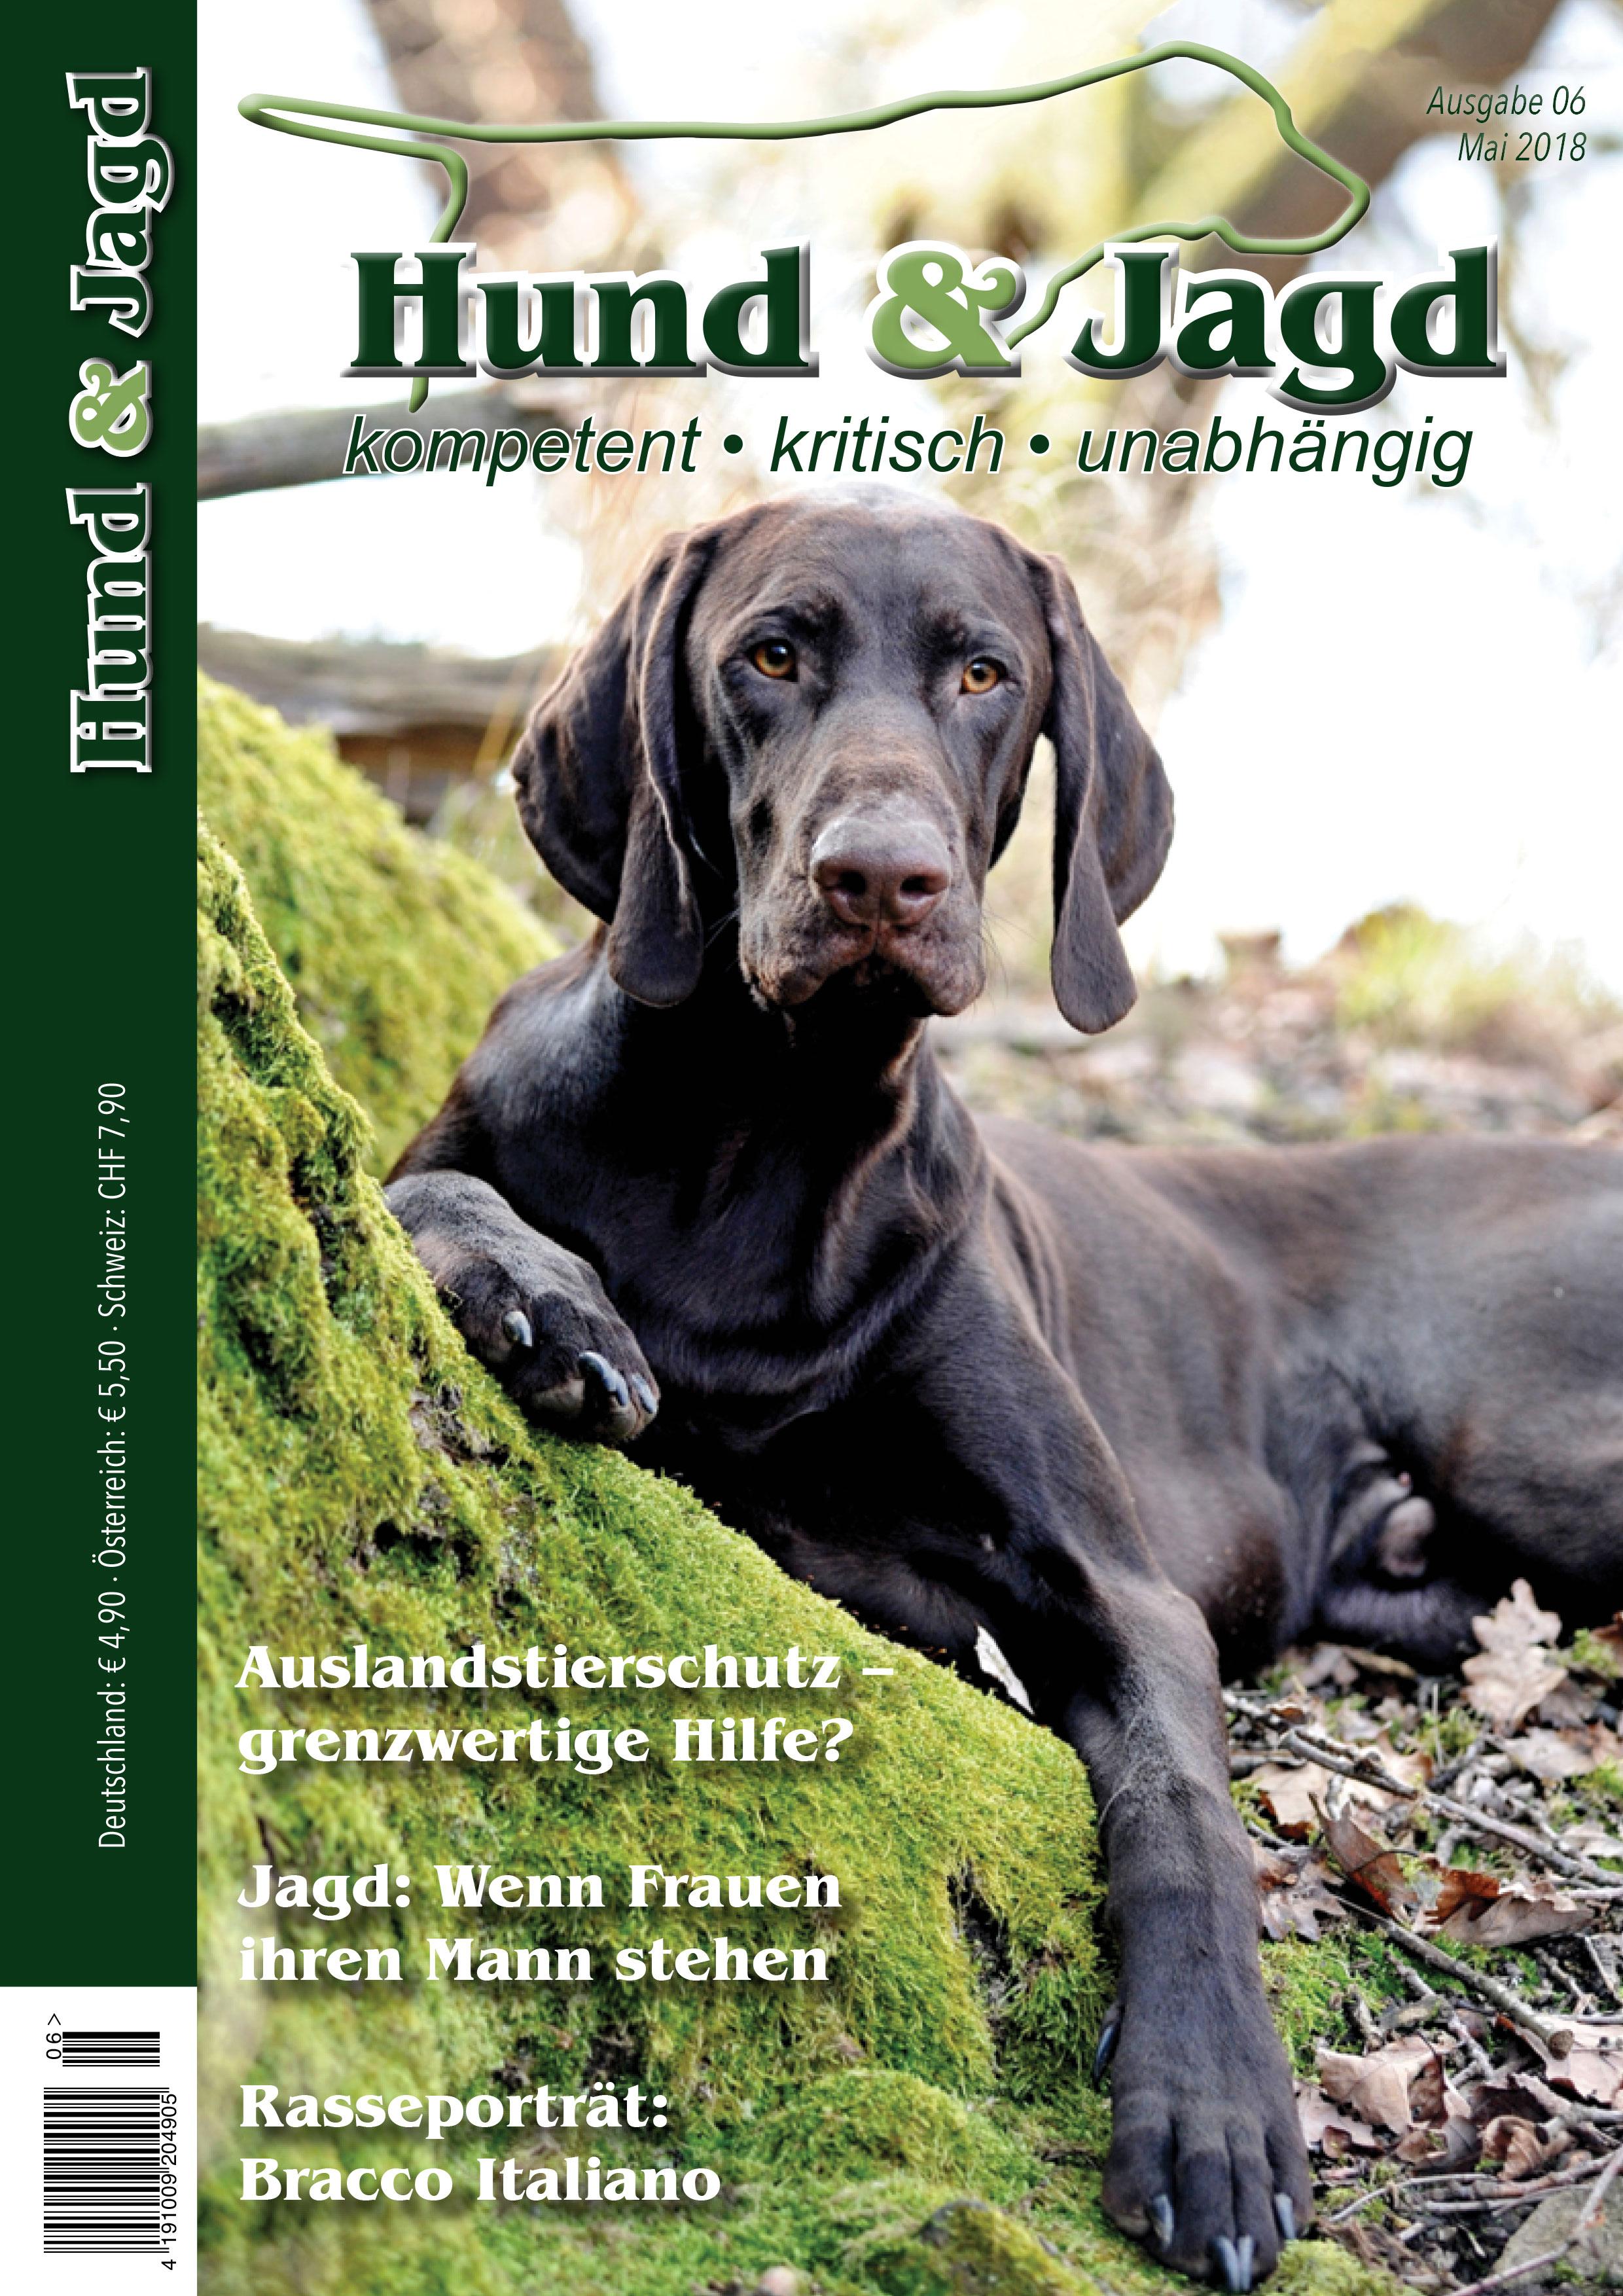 Hund & Jagd Abo